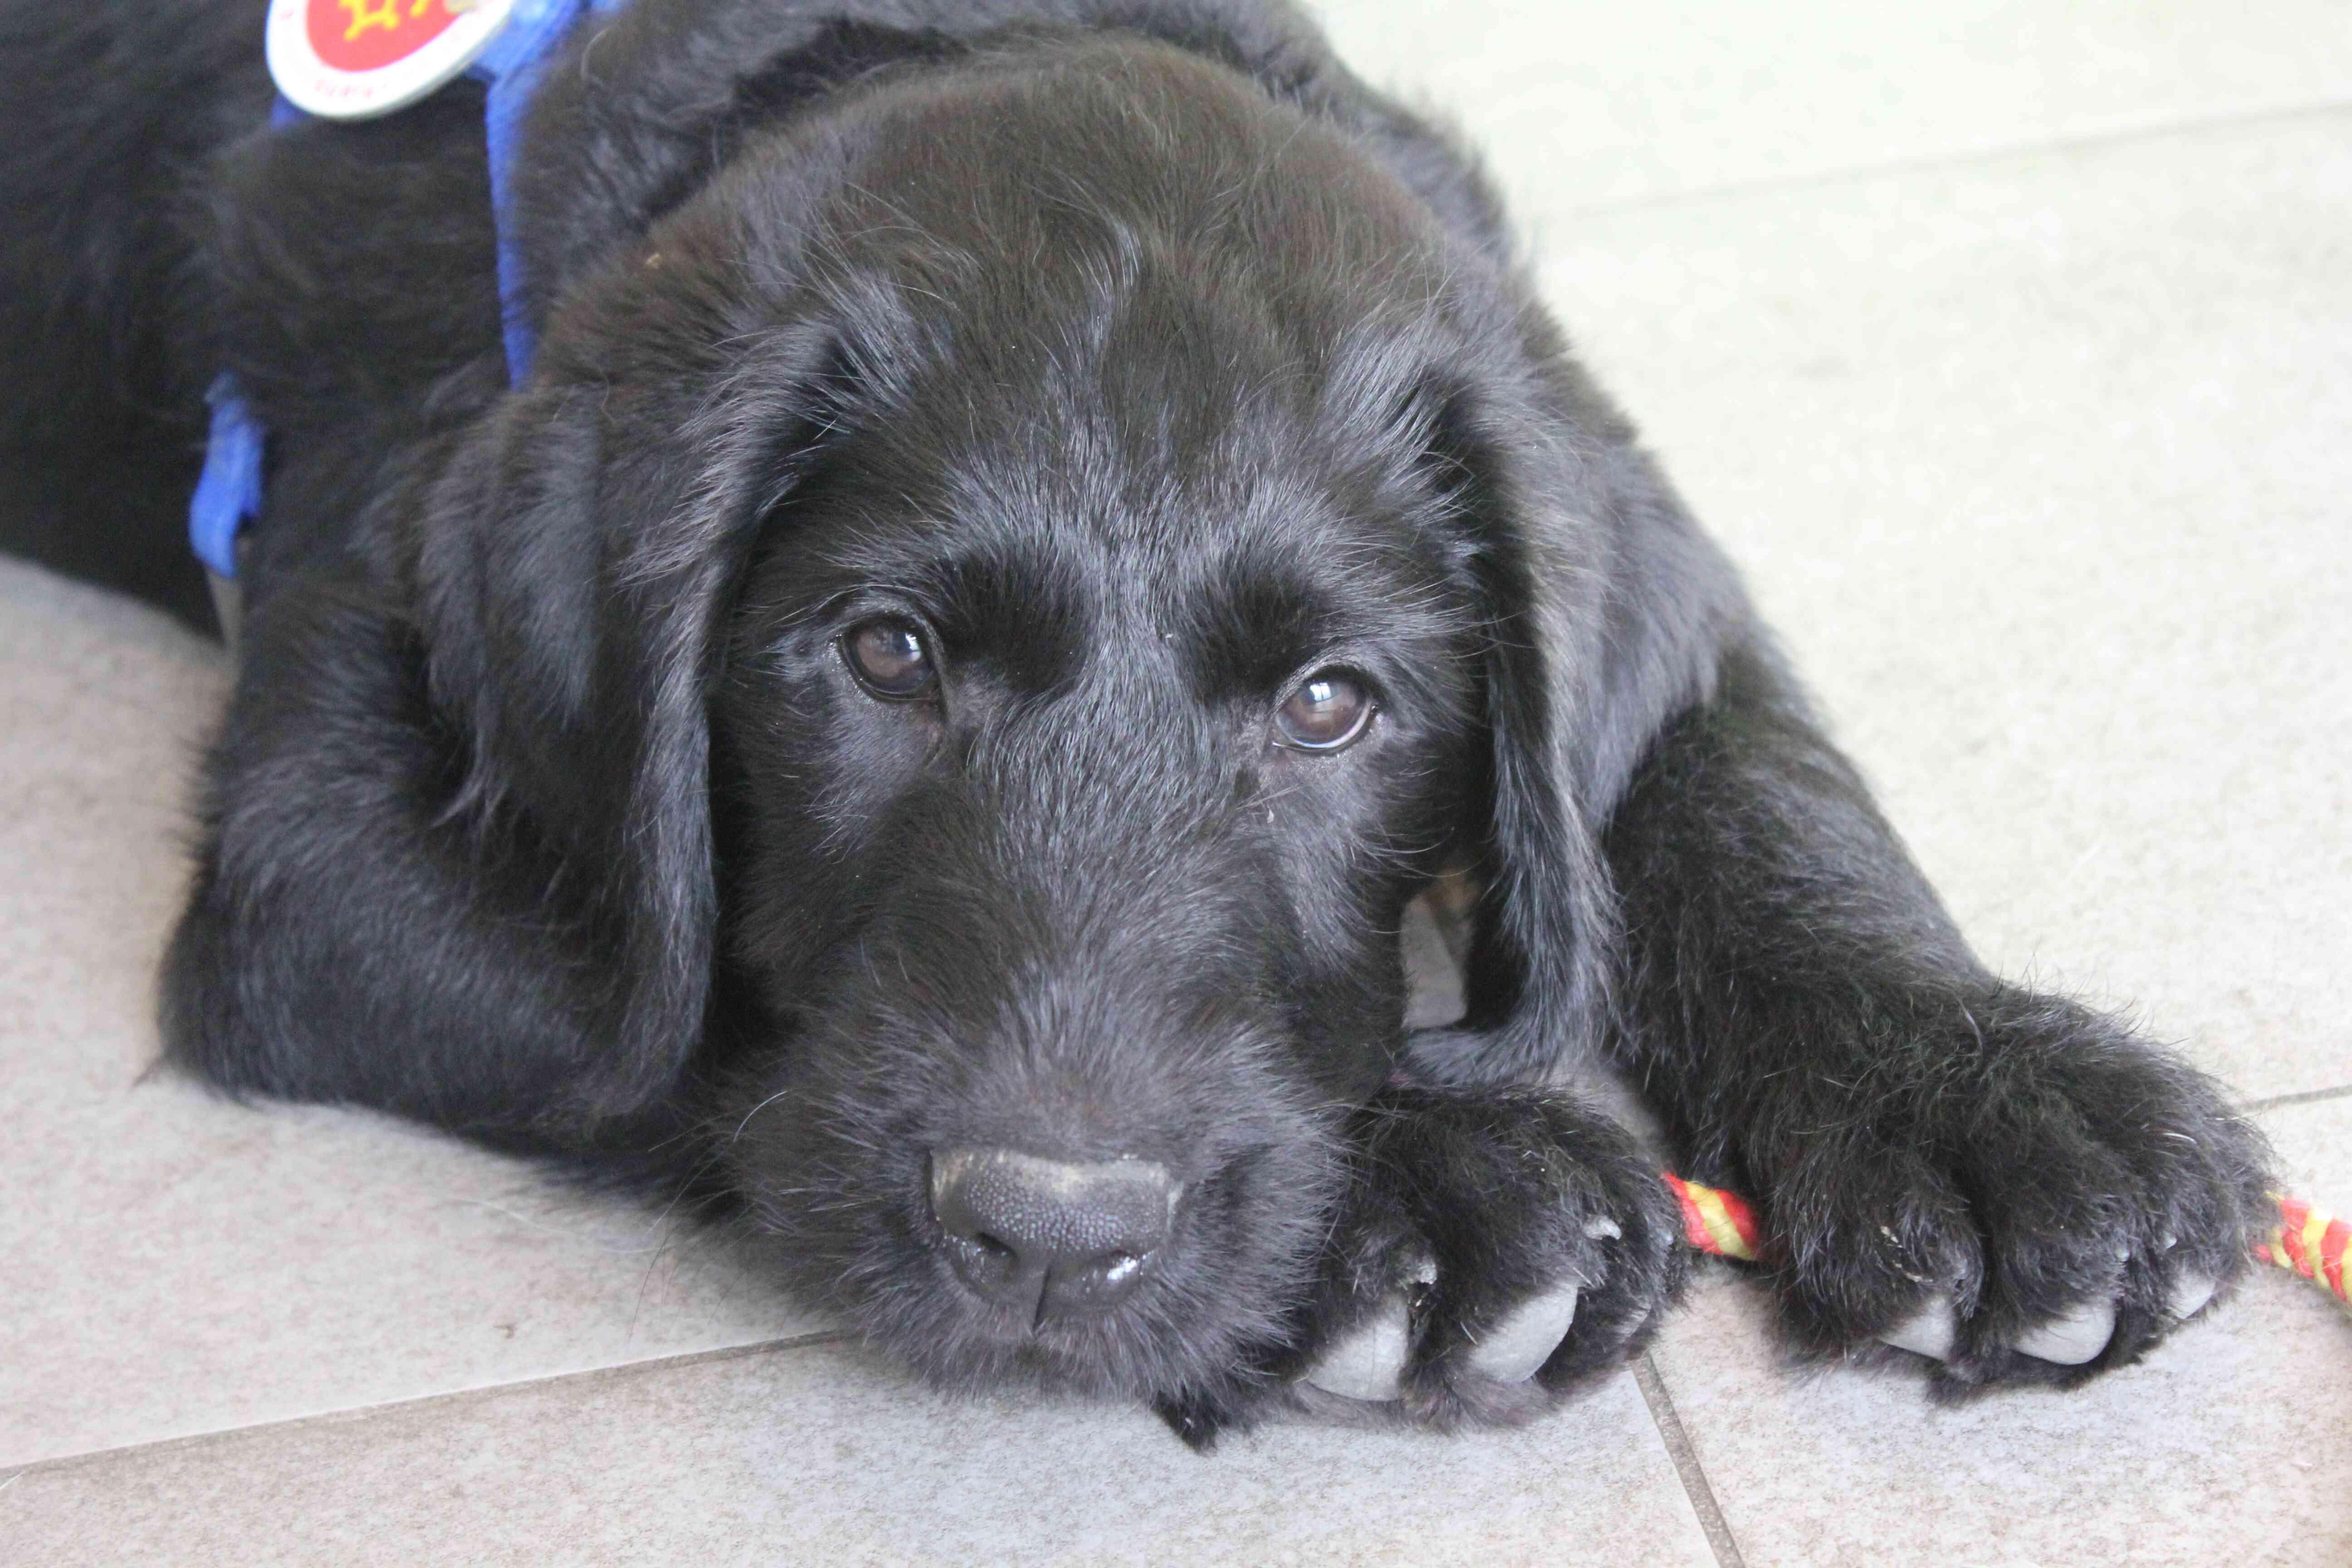 Première visite chez le vétérinaire